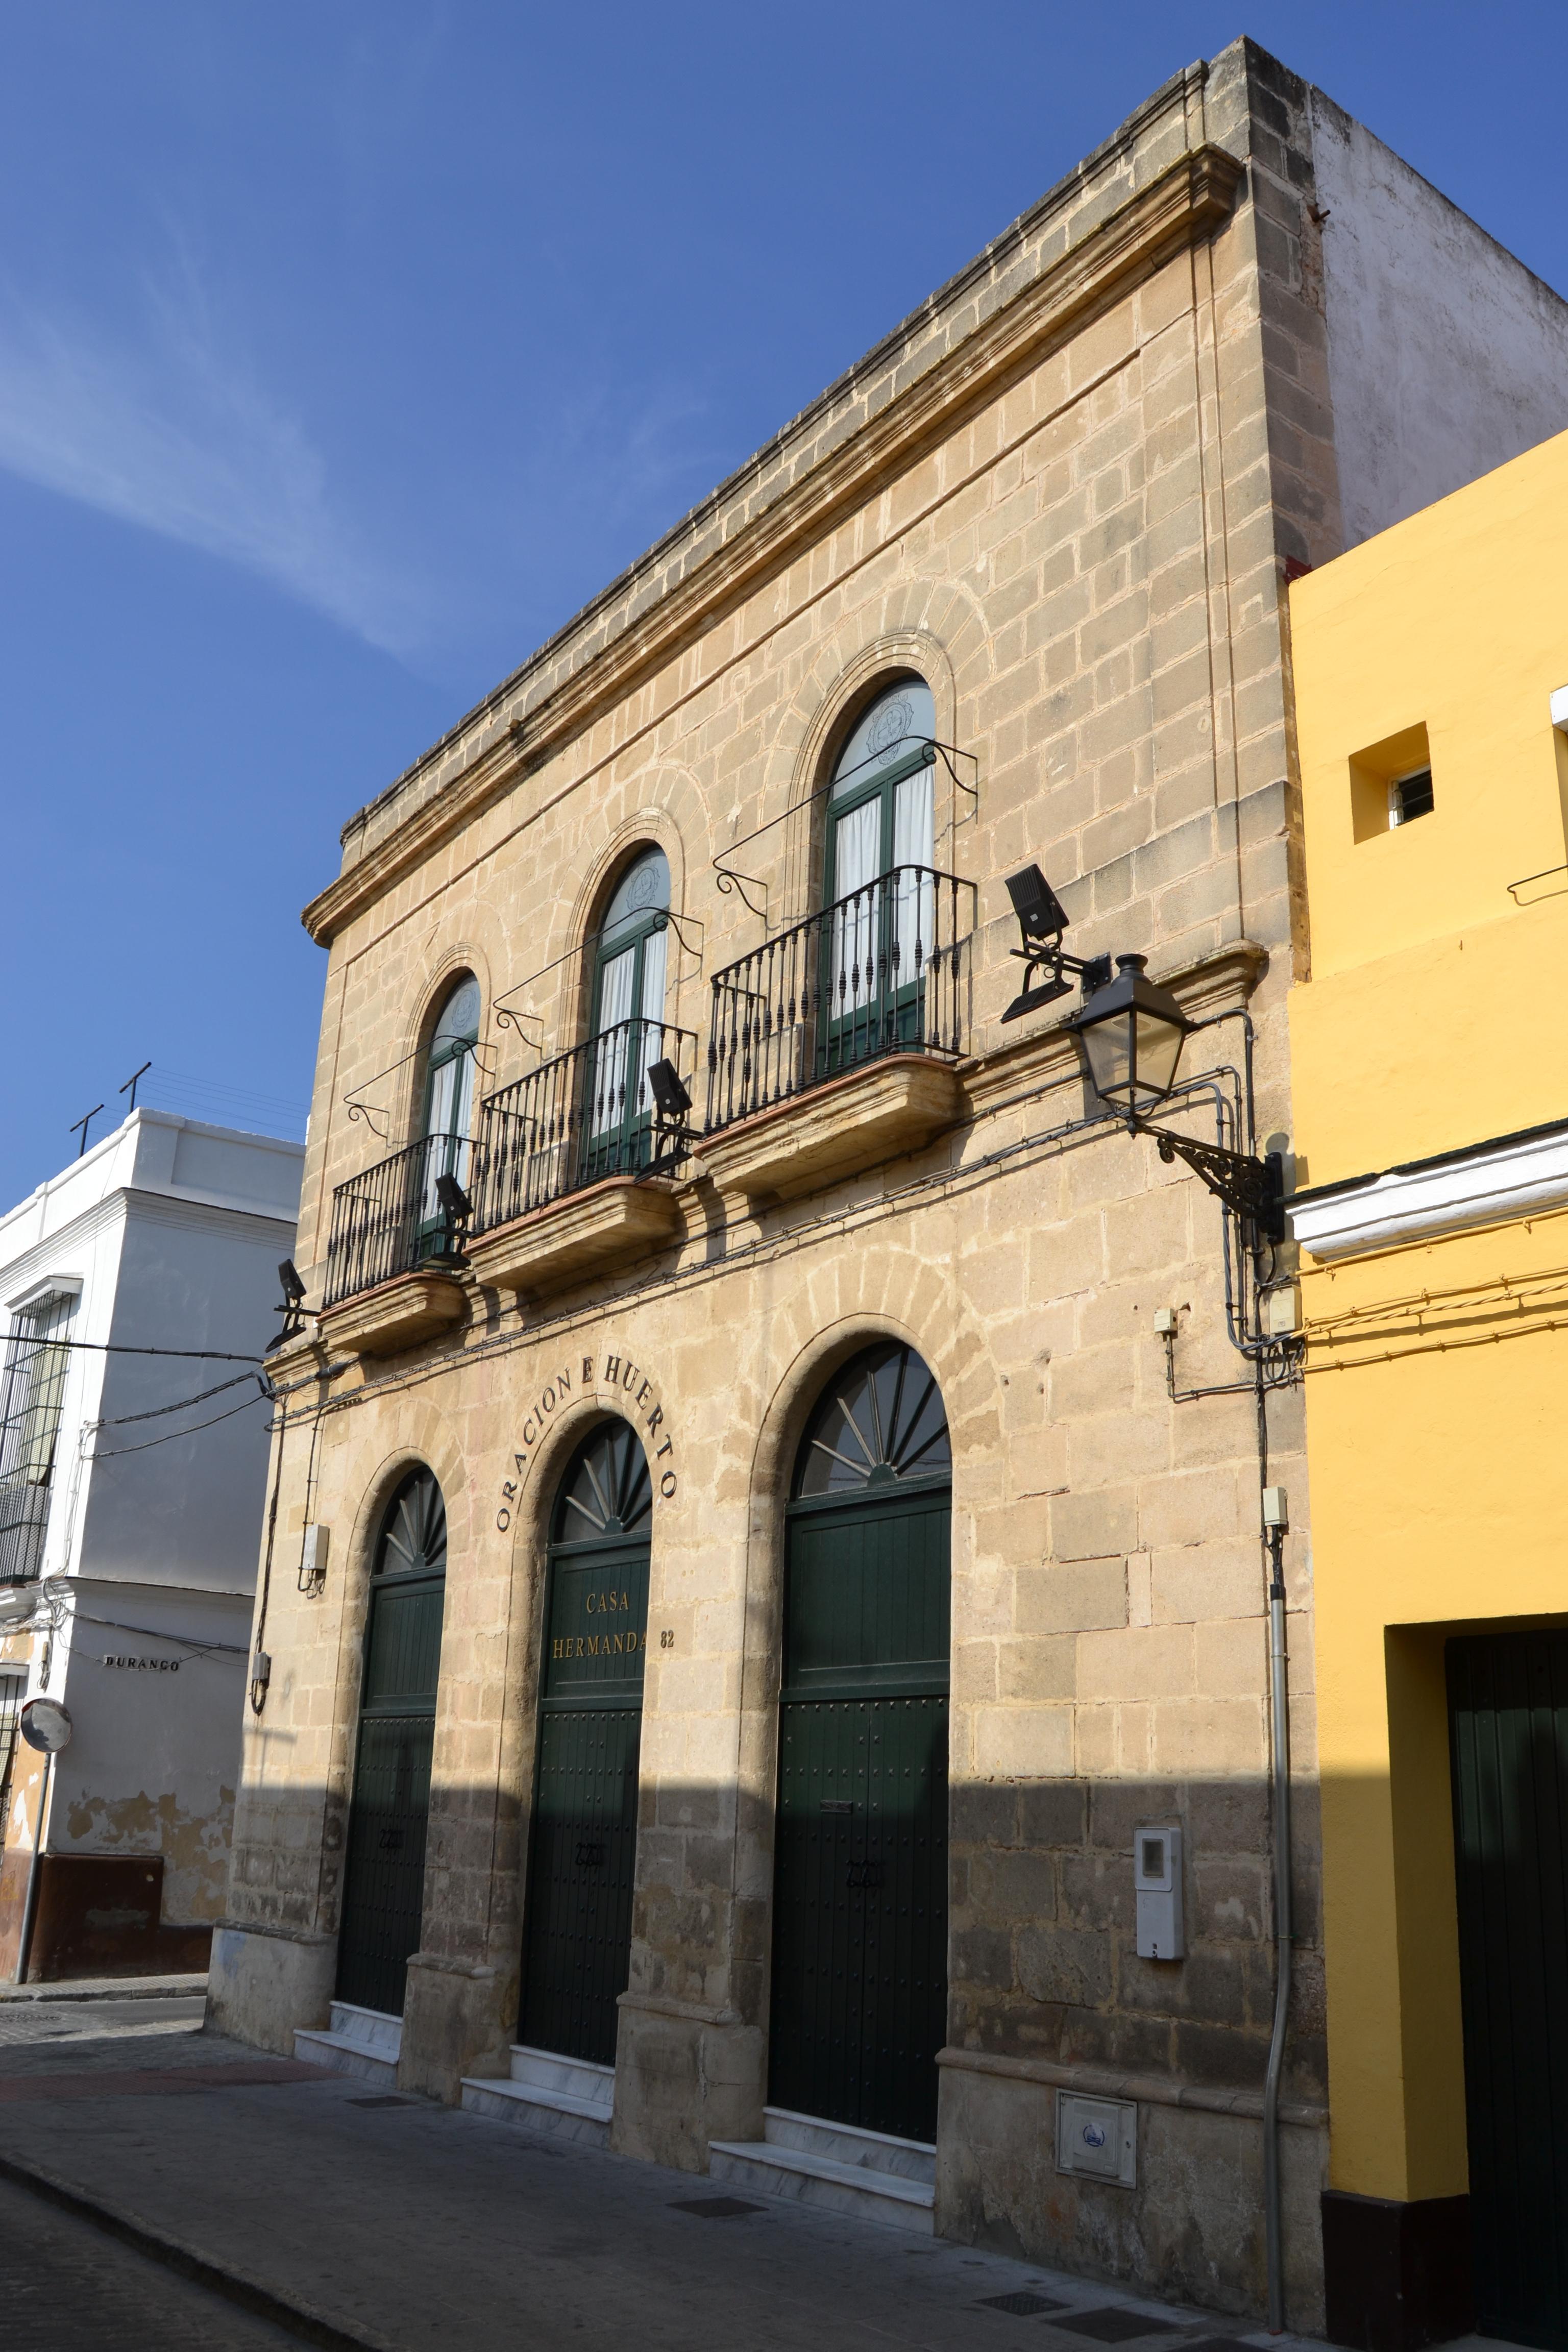 Casas puerto santa maria cool interesting casas en el puerto de santa mara casas palacio puerto - Casa puerto santa maria ...